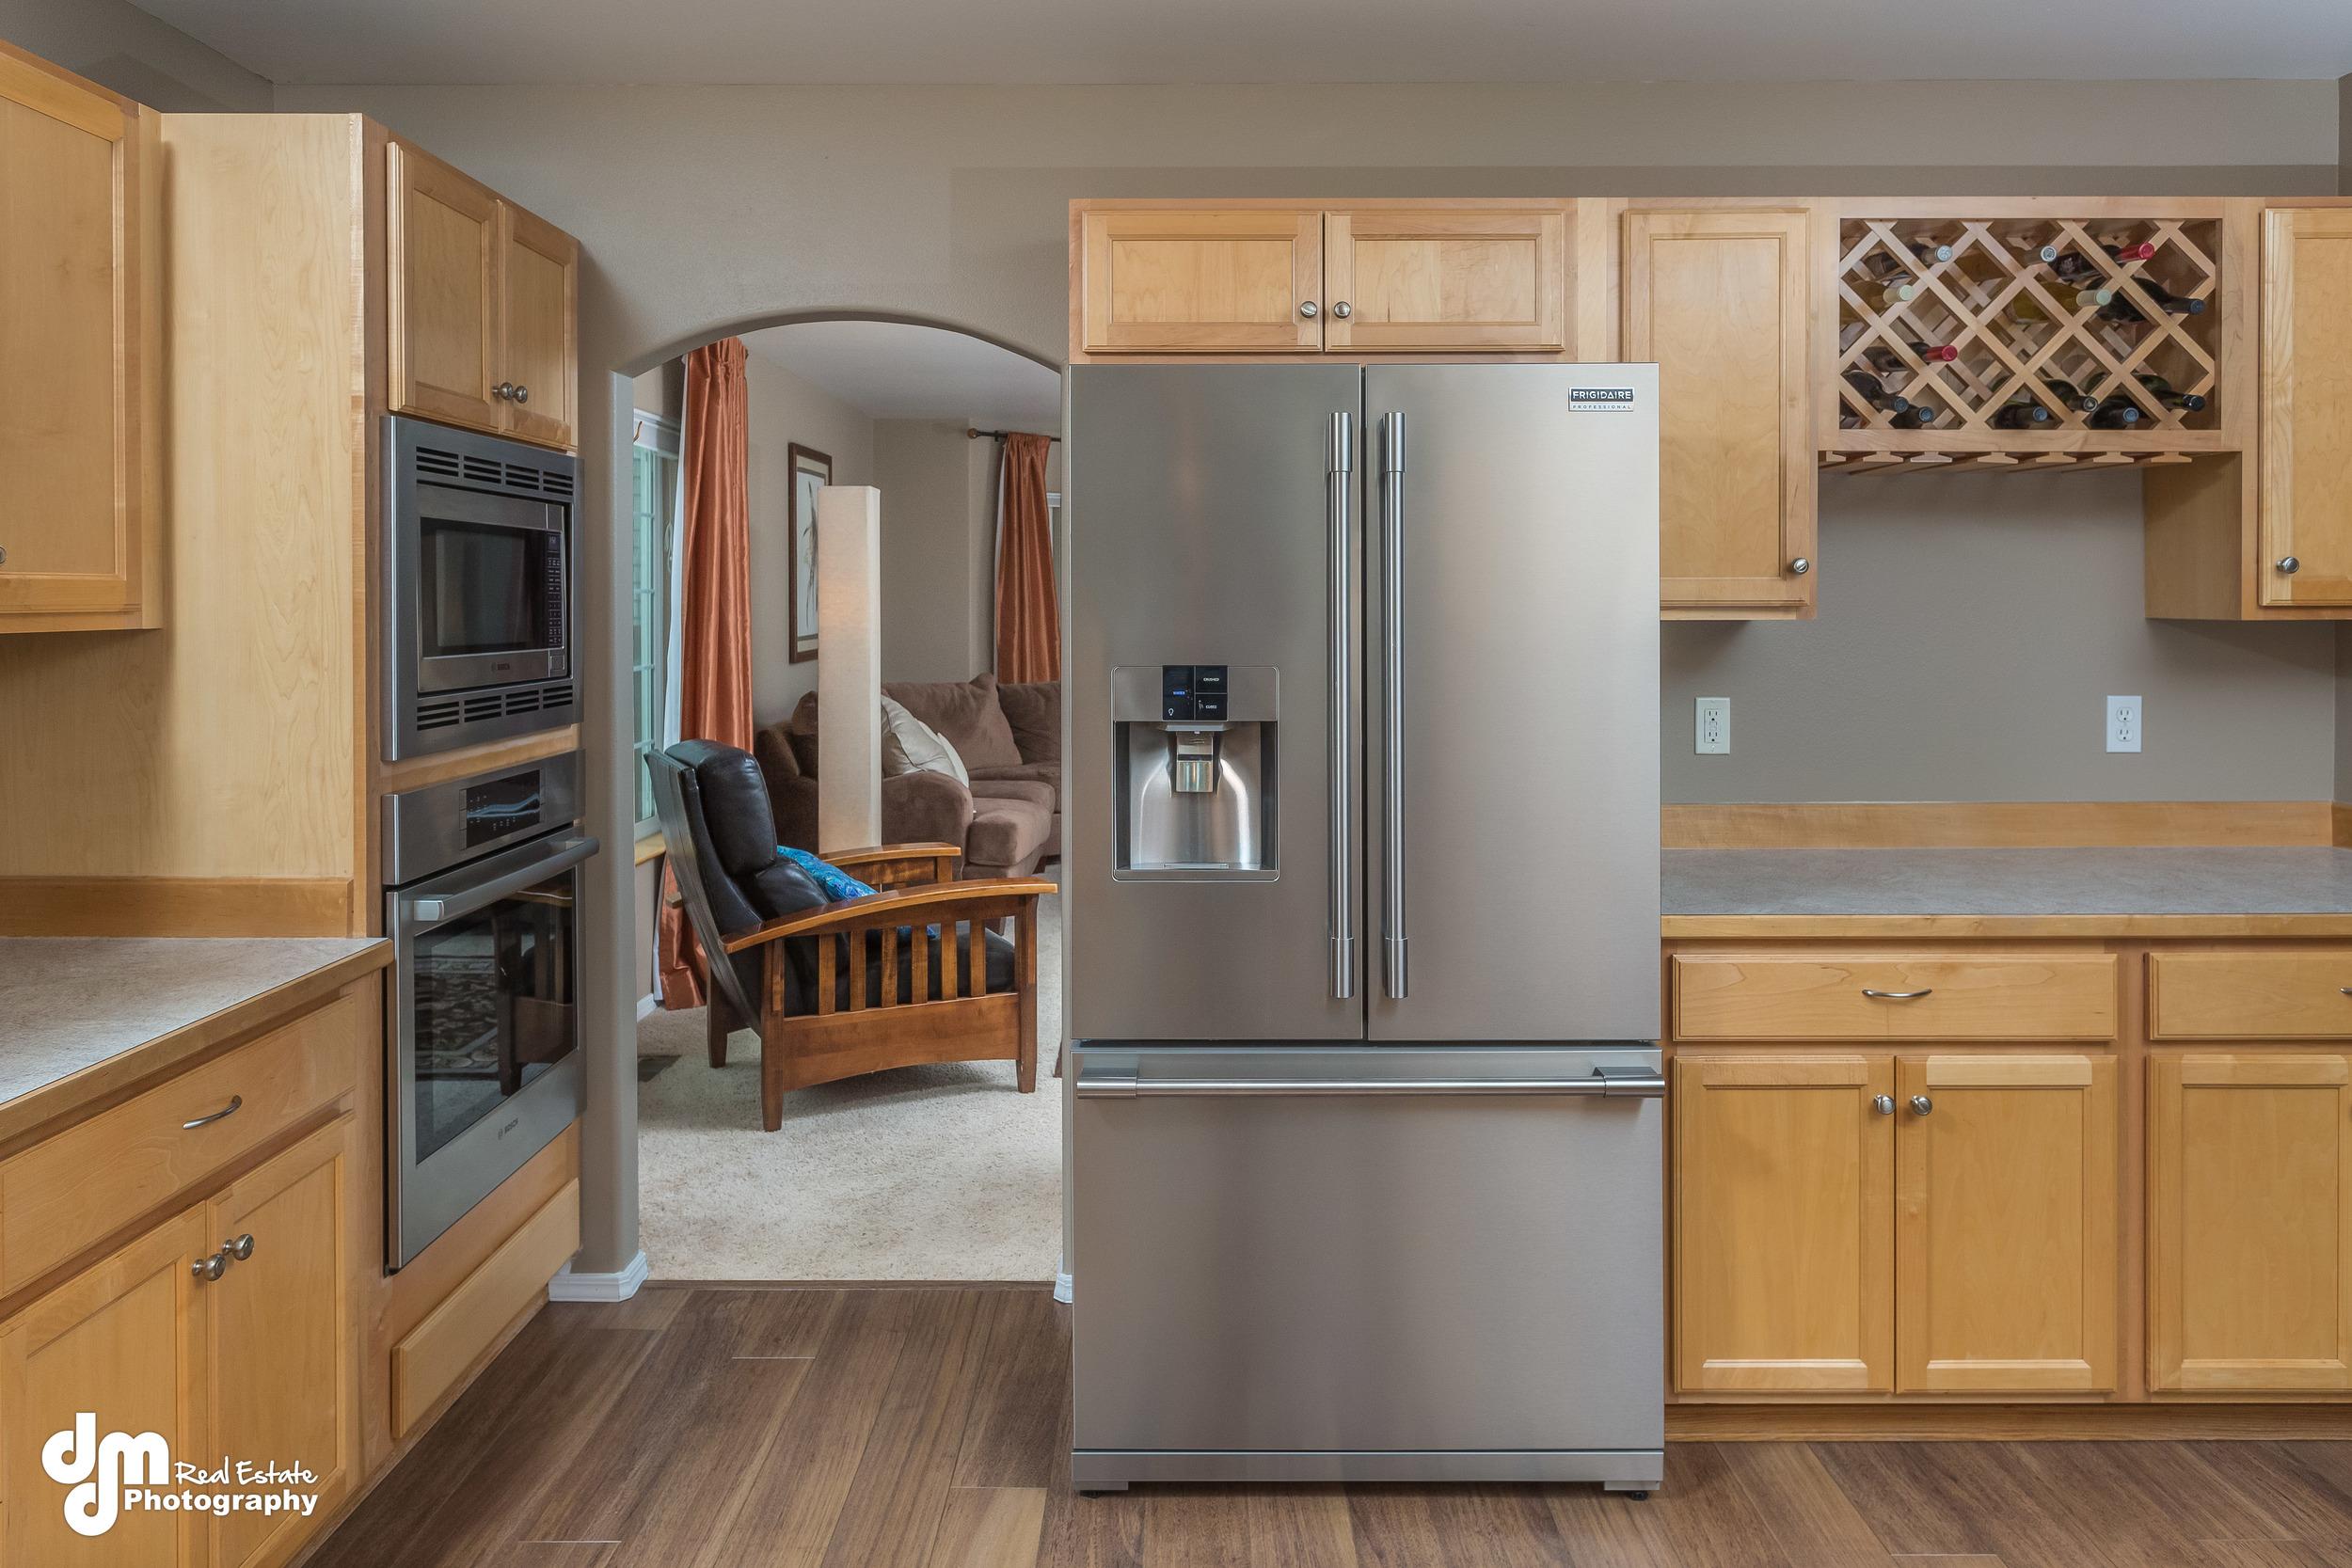 Kitchen_DMD_6776.jpg